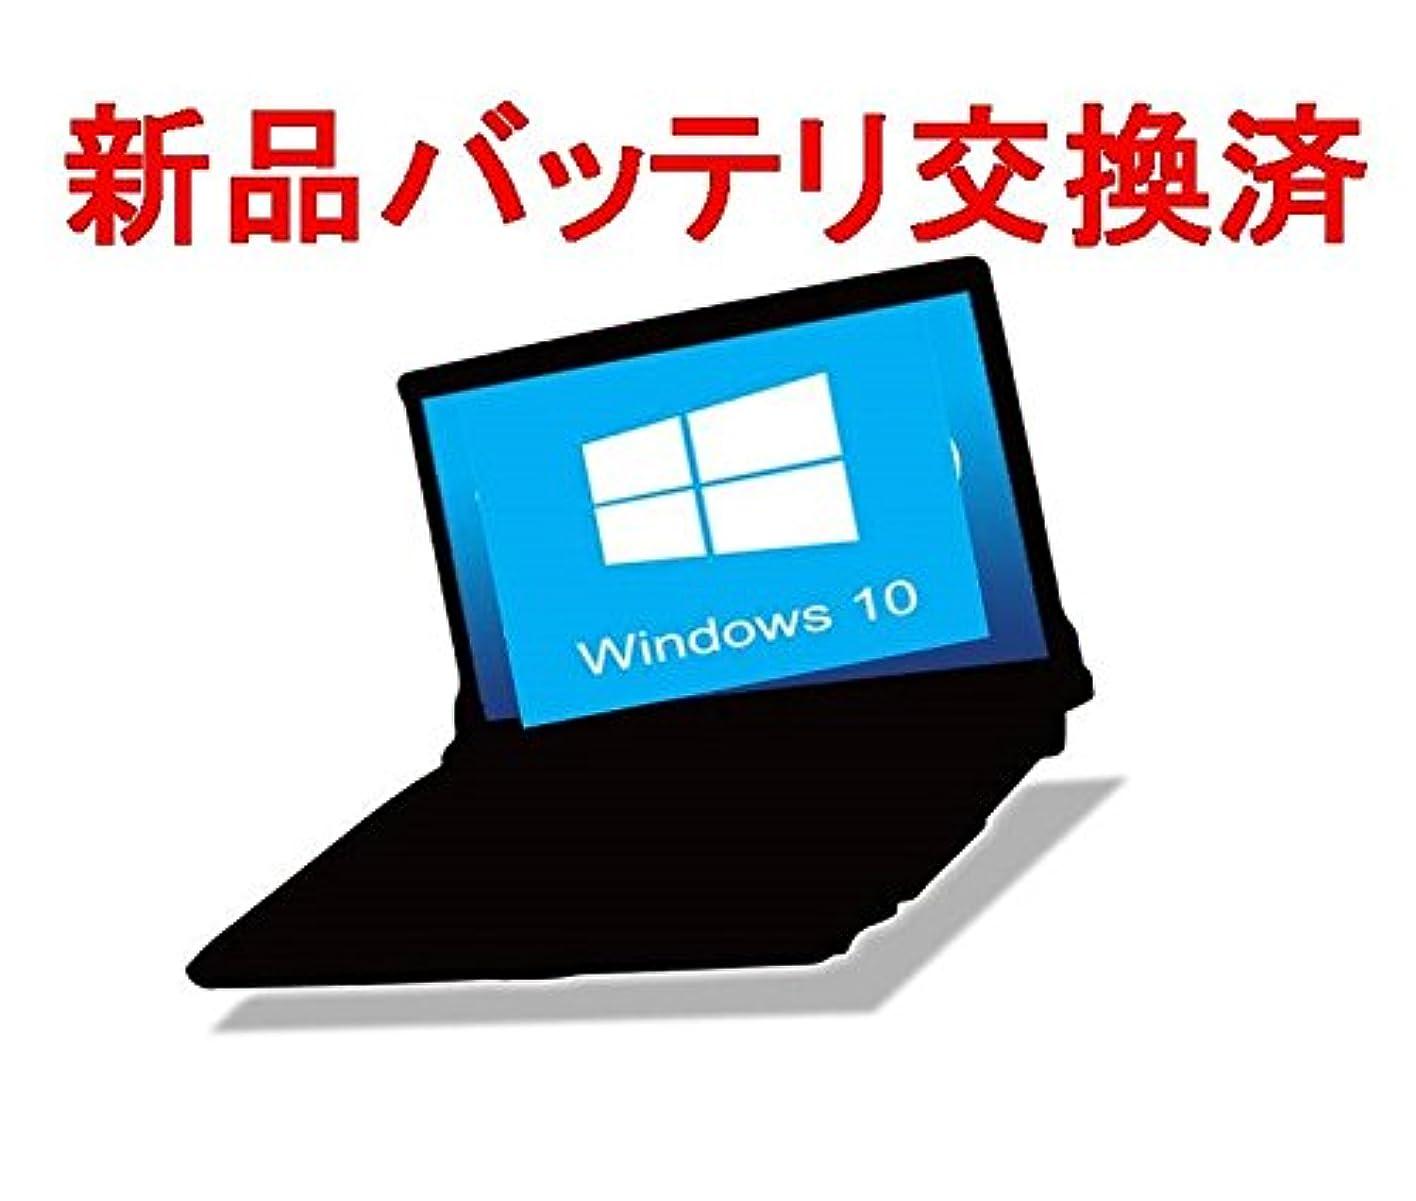 牧草地仕様視力新品バッテリー交換済み/初期設定済★即使用可能/高速 Corei3 CPU搭載/Windows 10 搭載/最新Office2016セット付き/無線Wi-Fi付き/「HDD 320GB」/メモリ4GB/ 中古ノートパソコン